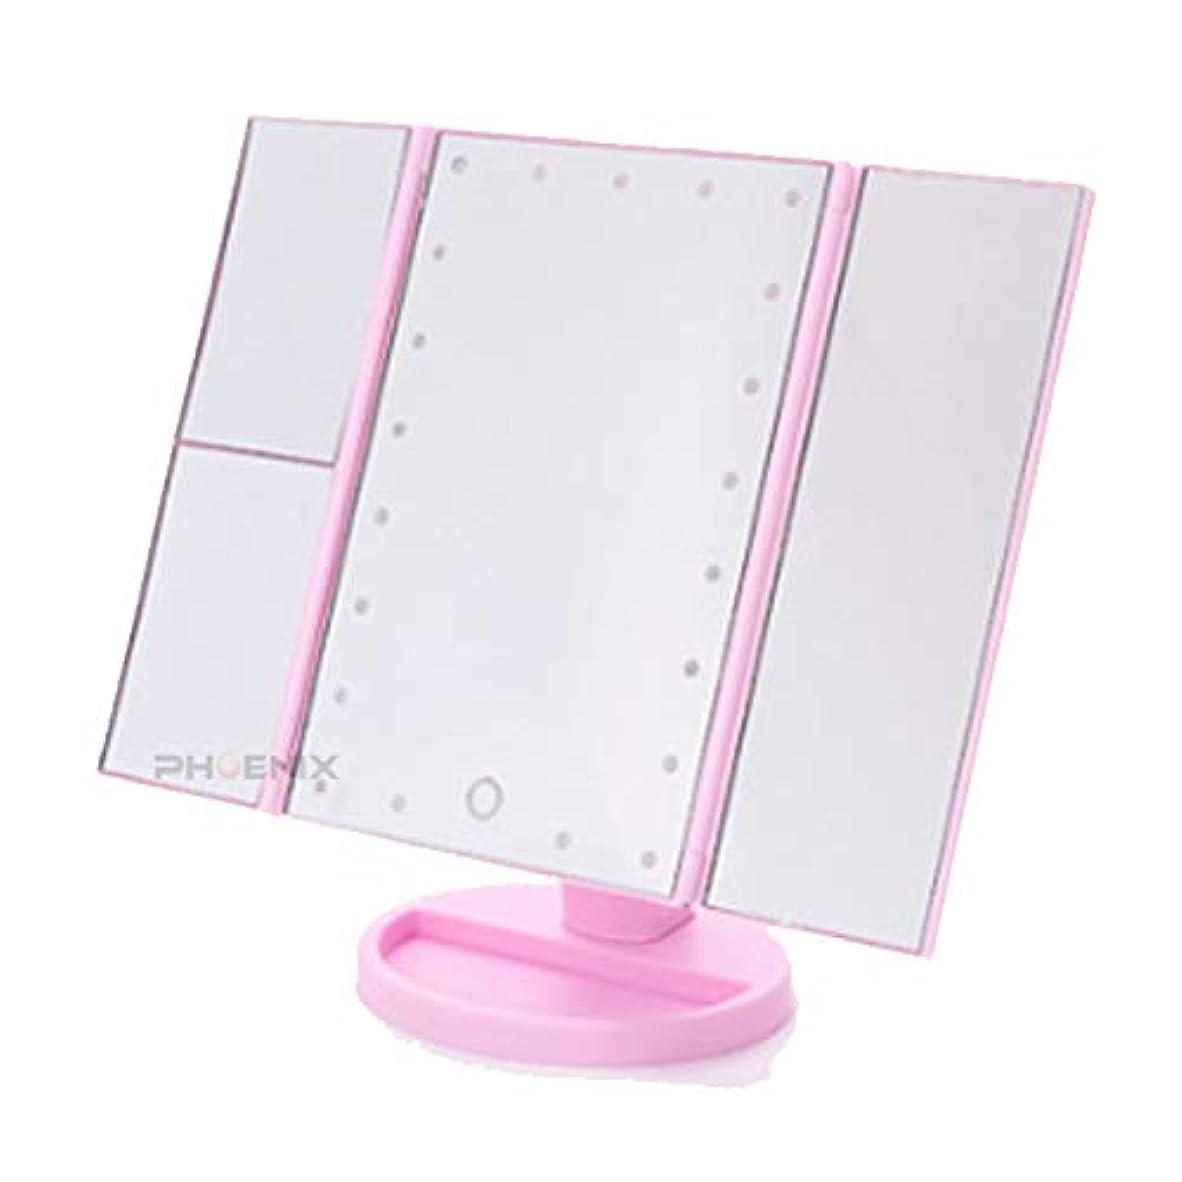 法律水っぽいつぶやき三面鏡 卓上ミラー LED ライト付き 拡大鏡 メイク 女優ミラー メイクミラー 折りたたみ おしゃれ スタンドタイプ 明るさ調節 角度調節 3カラー 三面鏡,ピンク